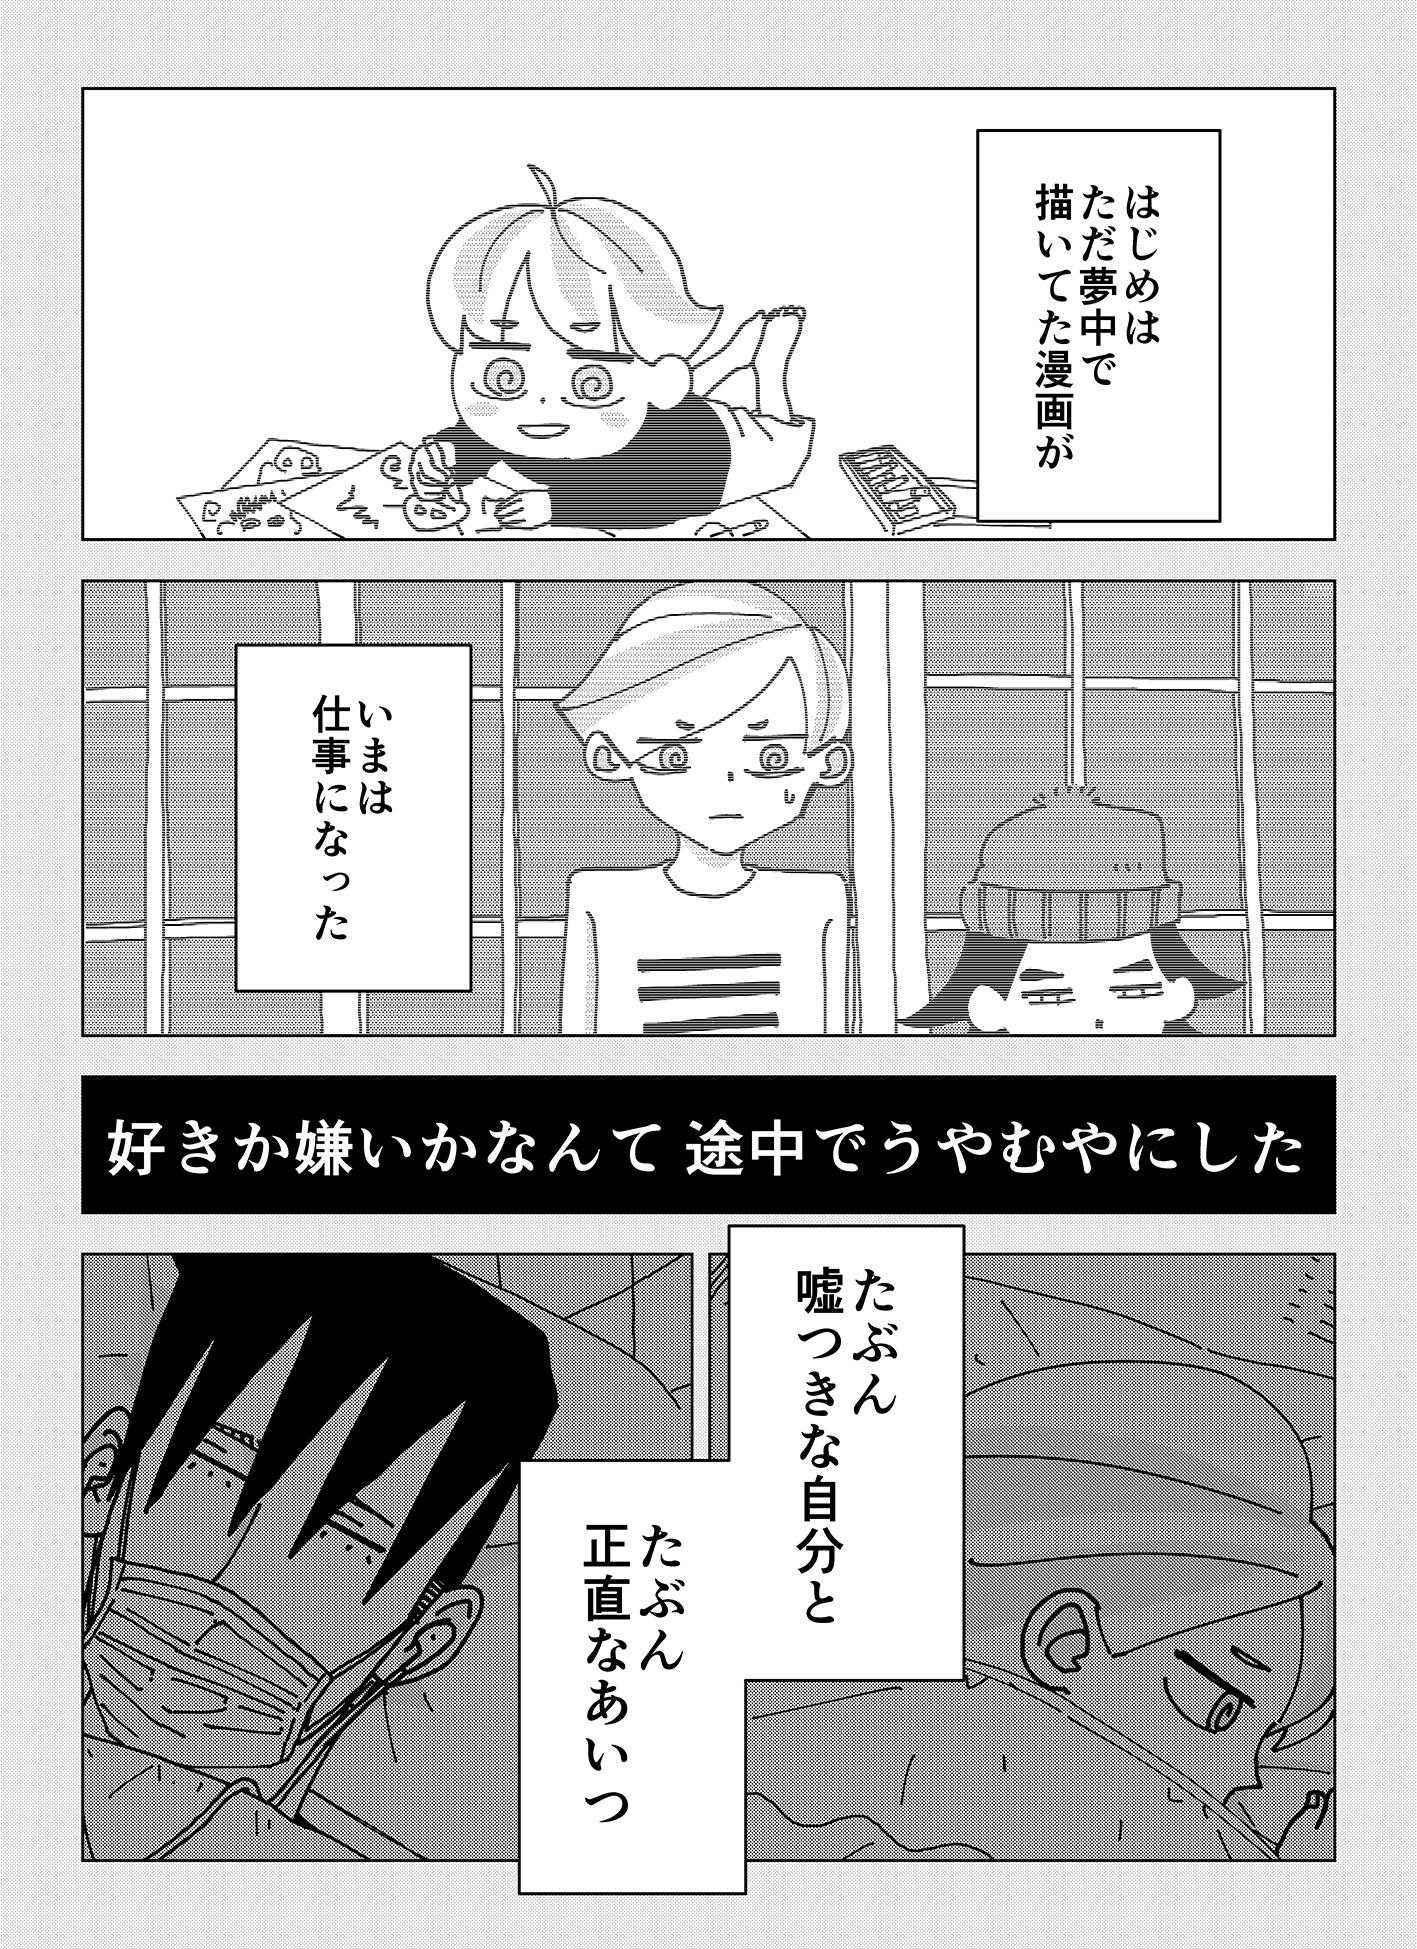 share05_008